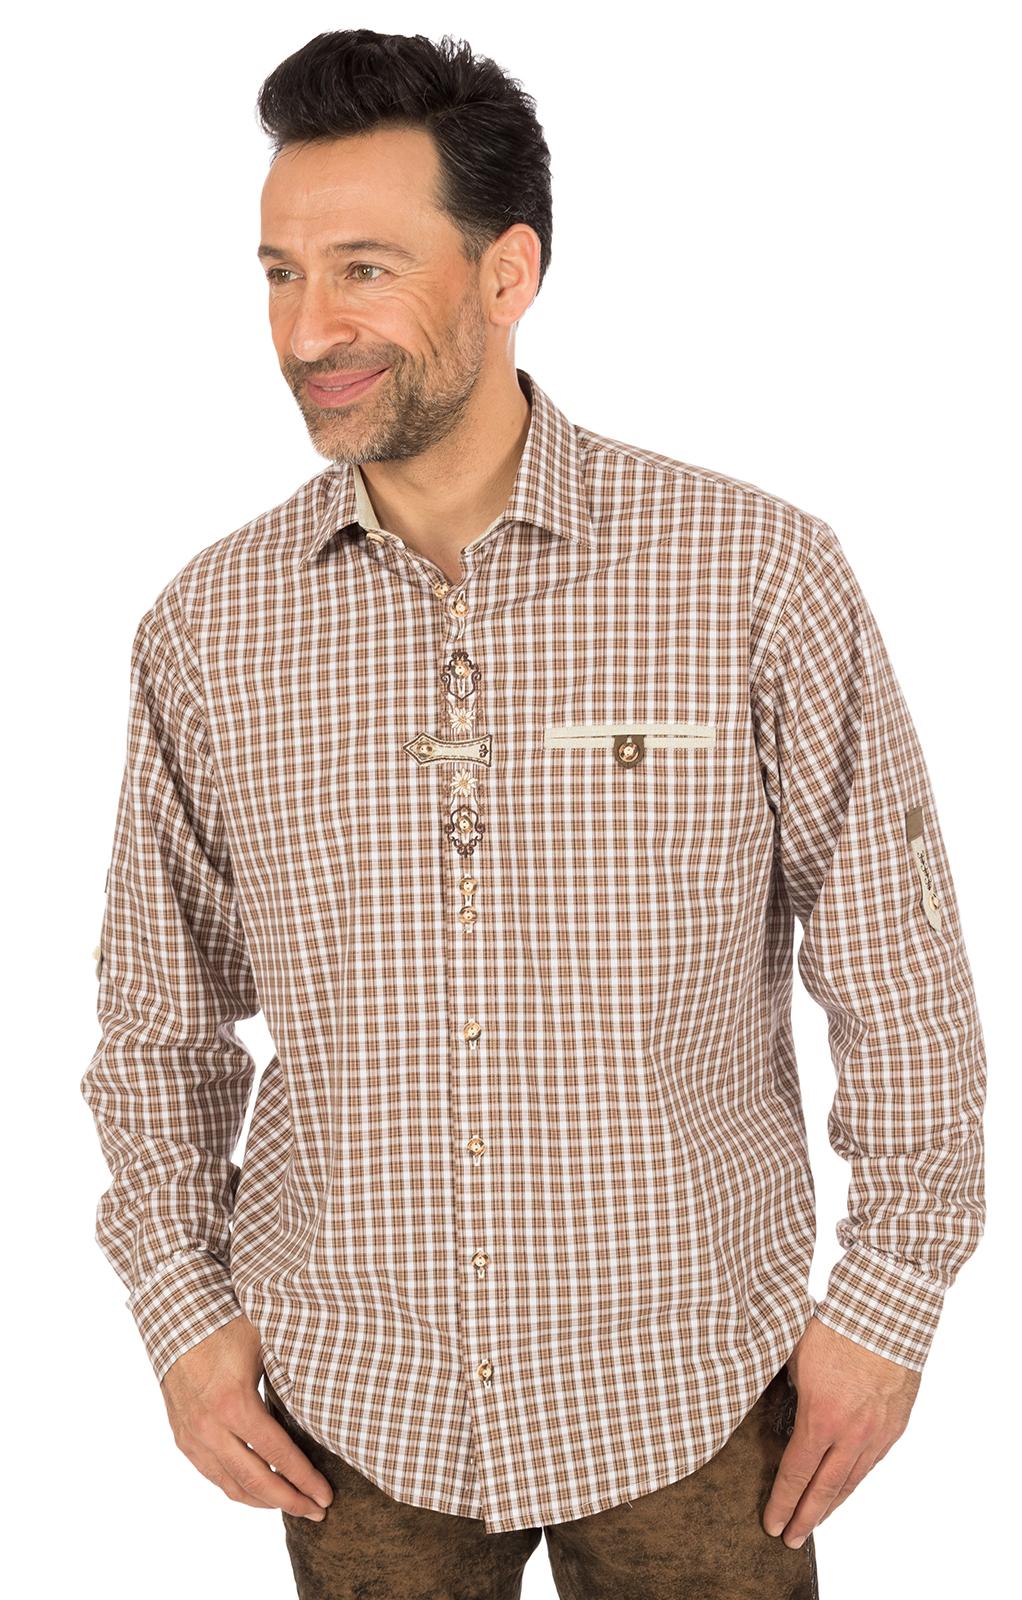 Trachtenhemd ERIK braun von OS-Trachten